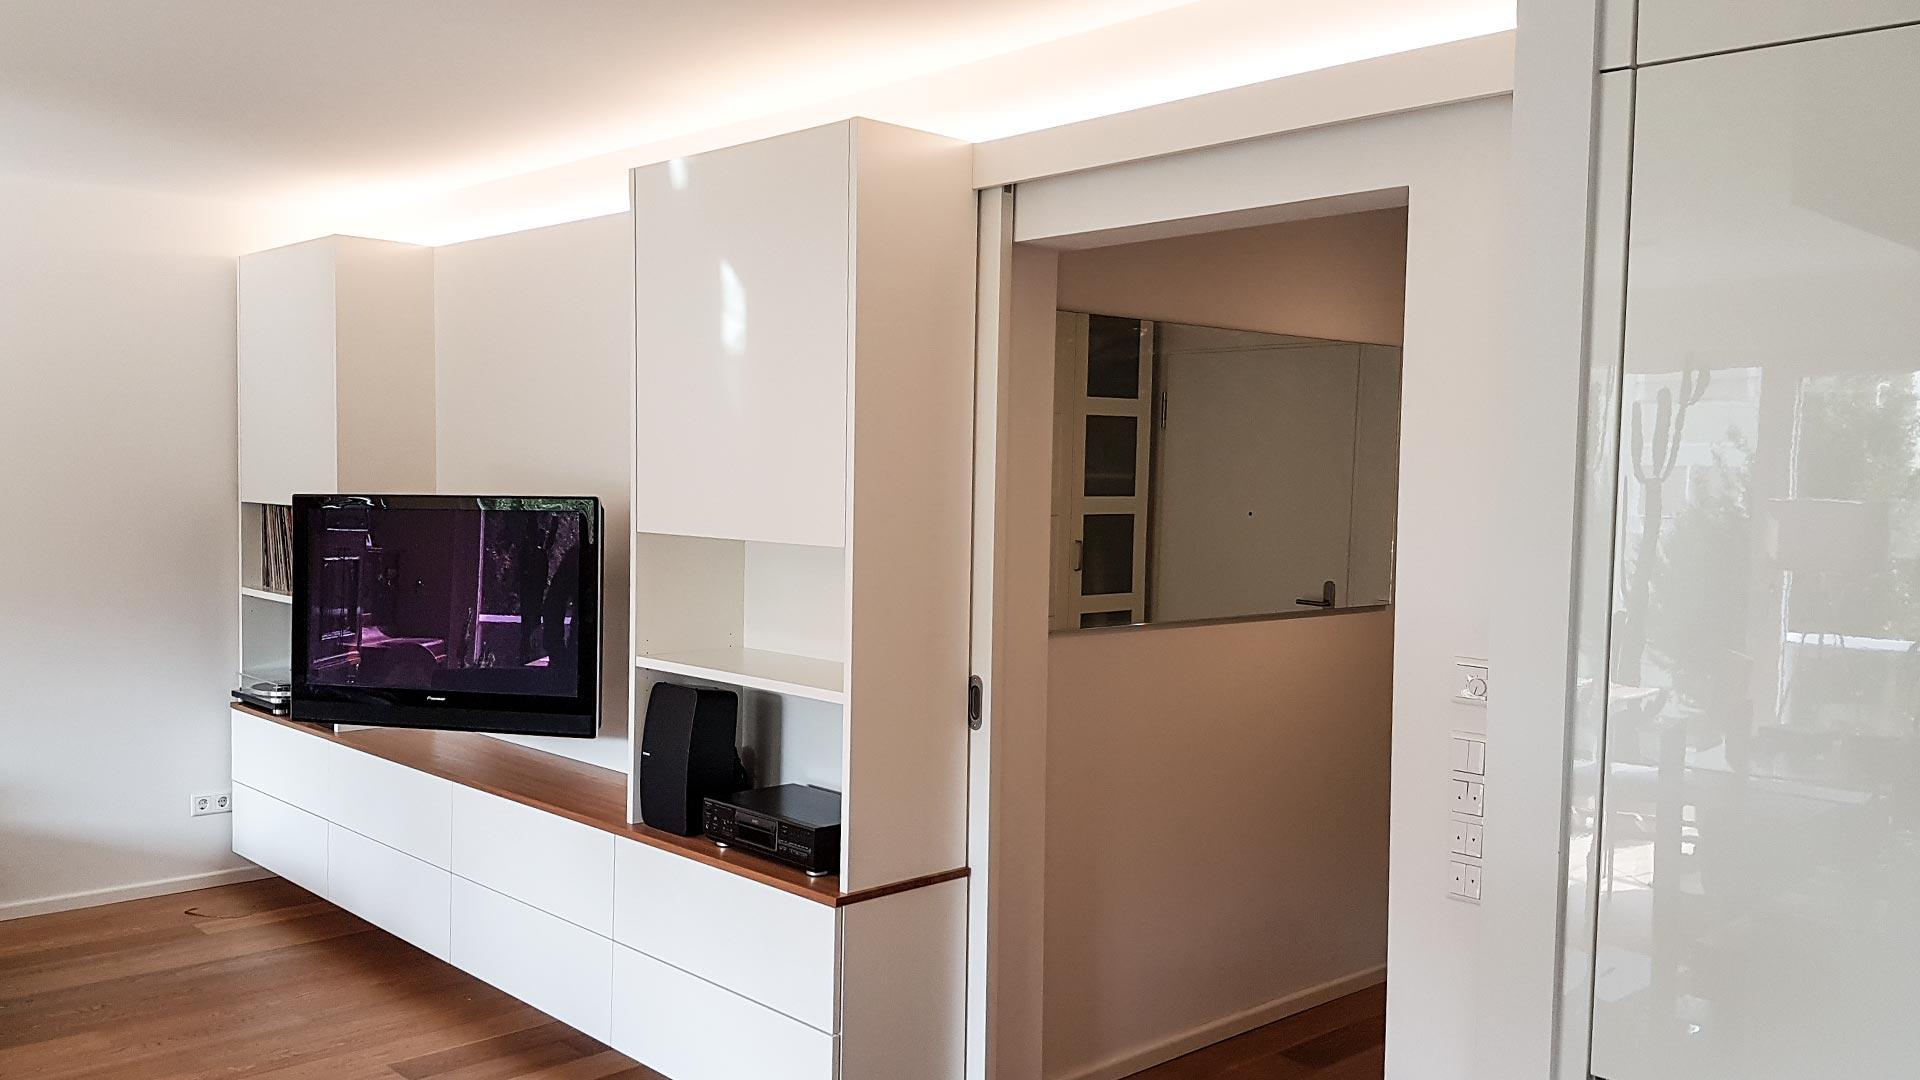 Ein Schwenkarm erlaubt die einfache Ausrichtung des Fernsehers